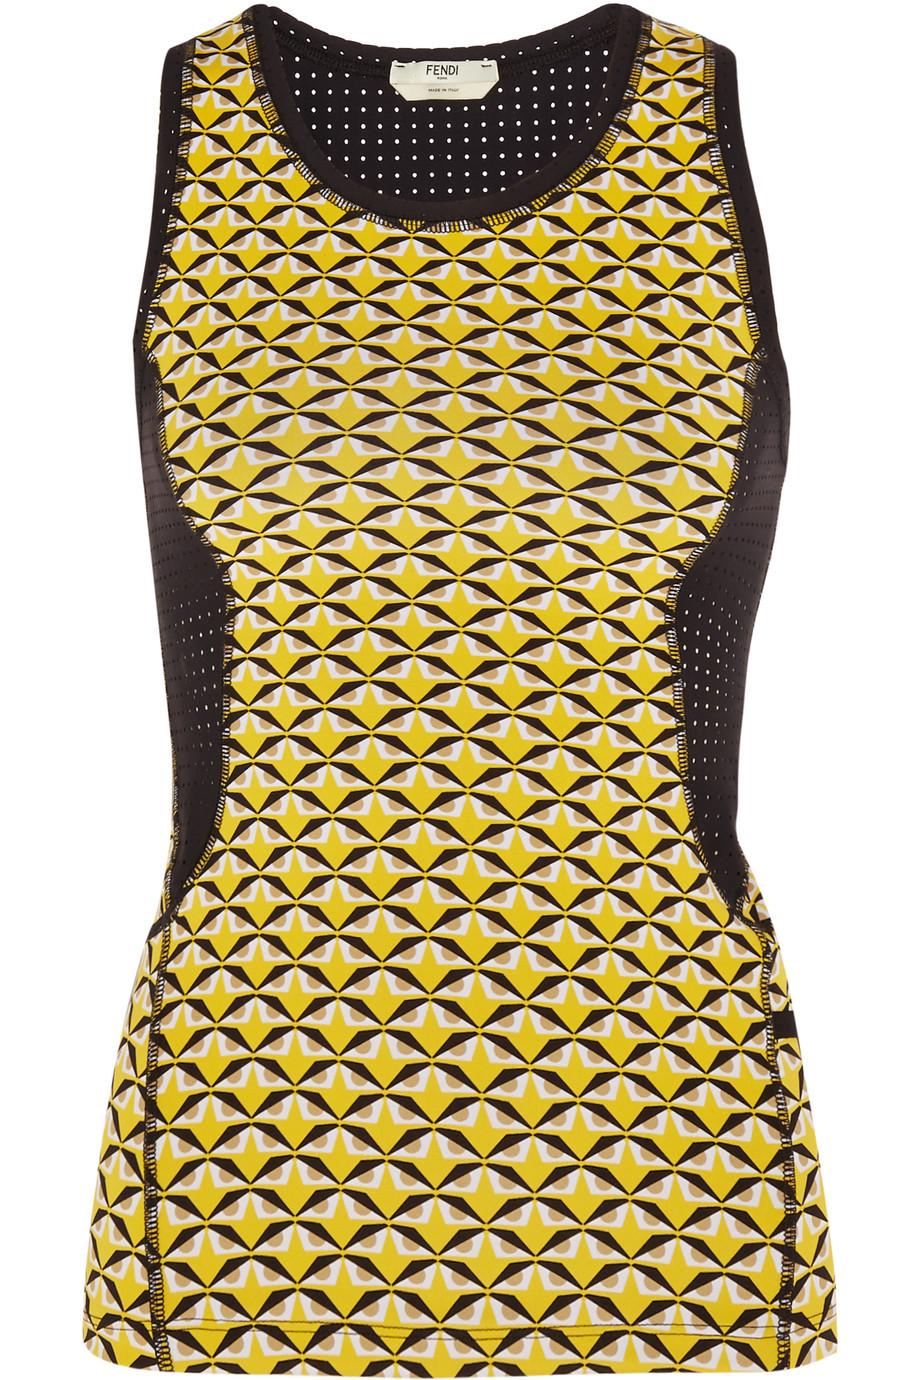 Fendi Mesh-Paneled Printed Stretch-Jersey Tank, Yellow, Women's, Size: 44